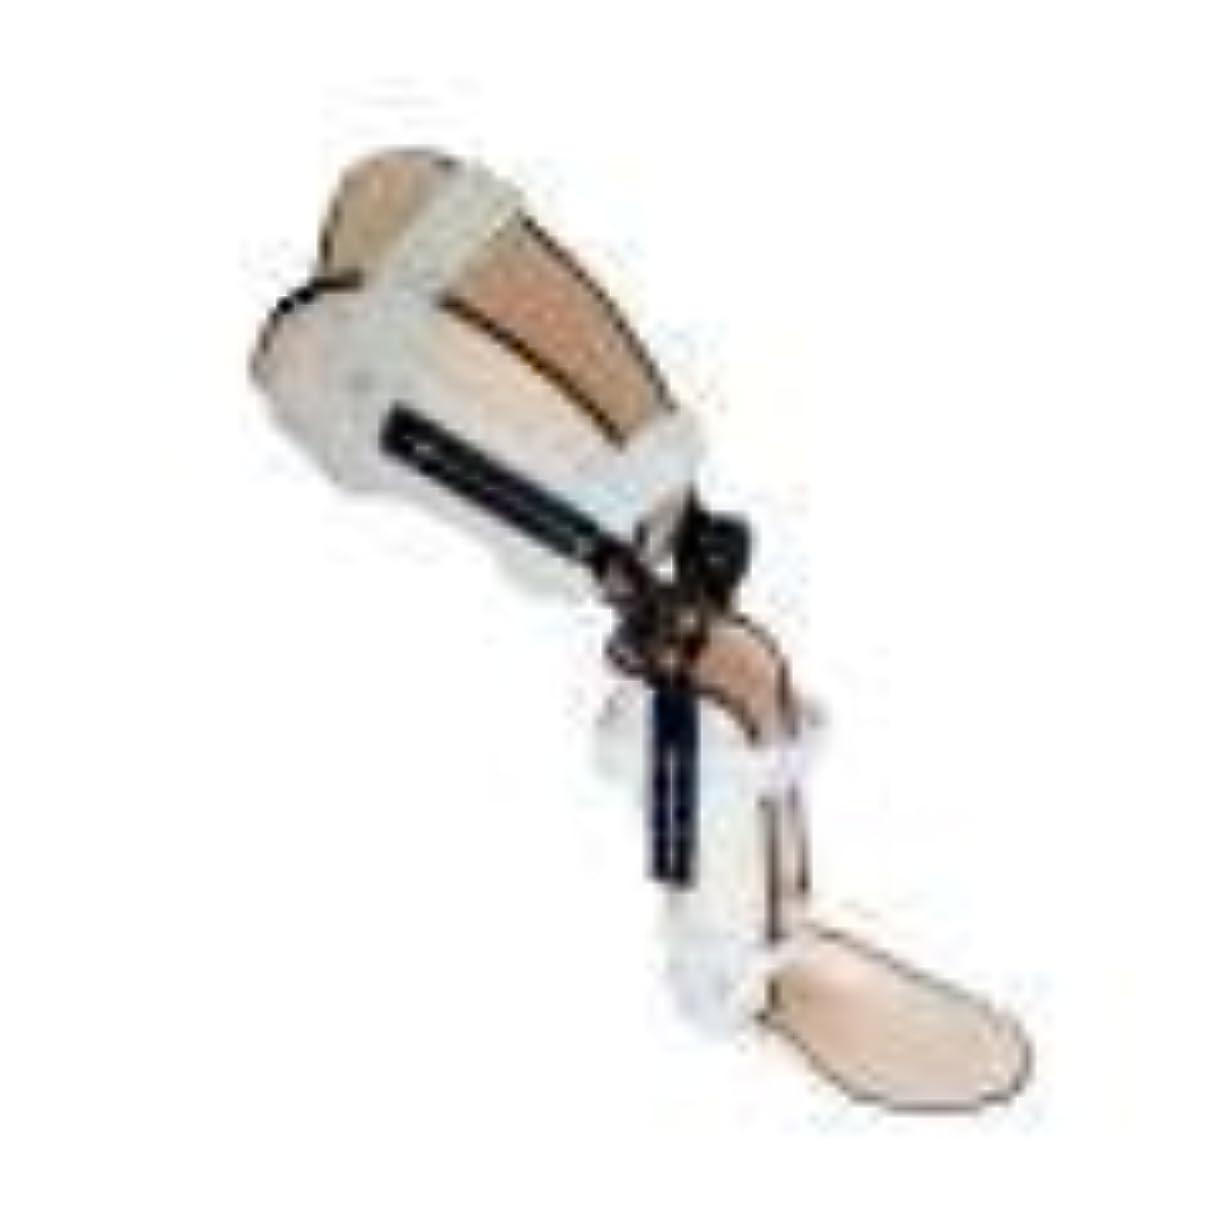 メールを書くシャンパン改修するヒンジ付き膝装具、ポストOP膝蓋装具サポートスタビライザーパッド装具スプリントラップ医療用整形外科用ガードプロテクター (Color : As Picture, Size : Left Foot)